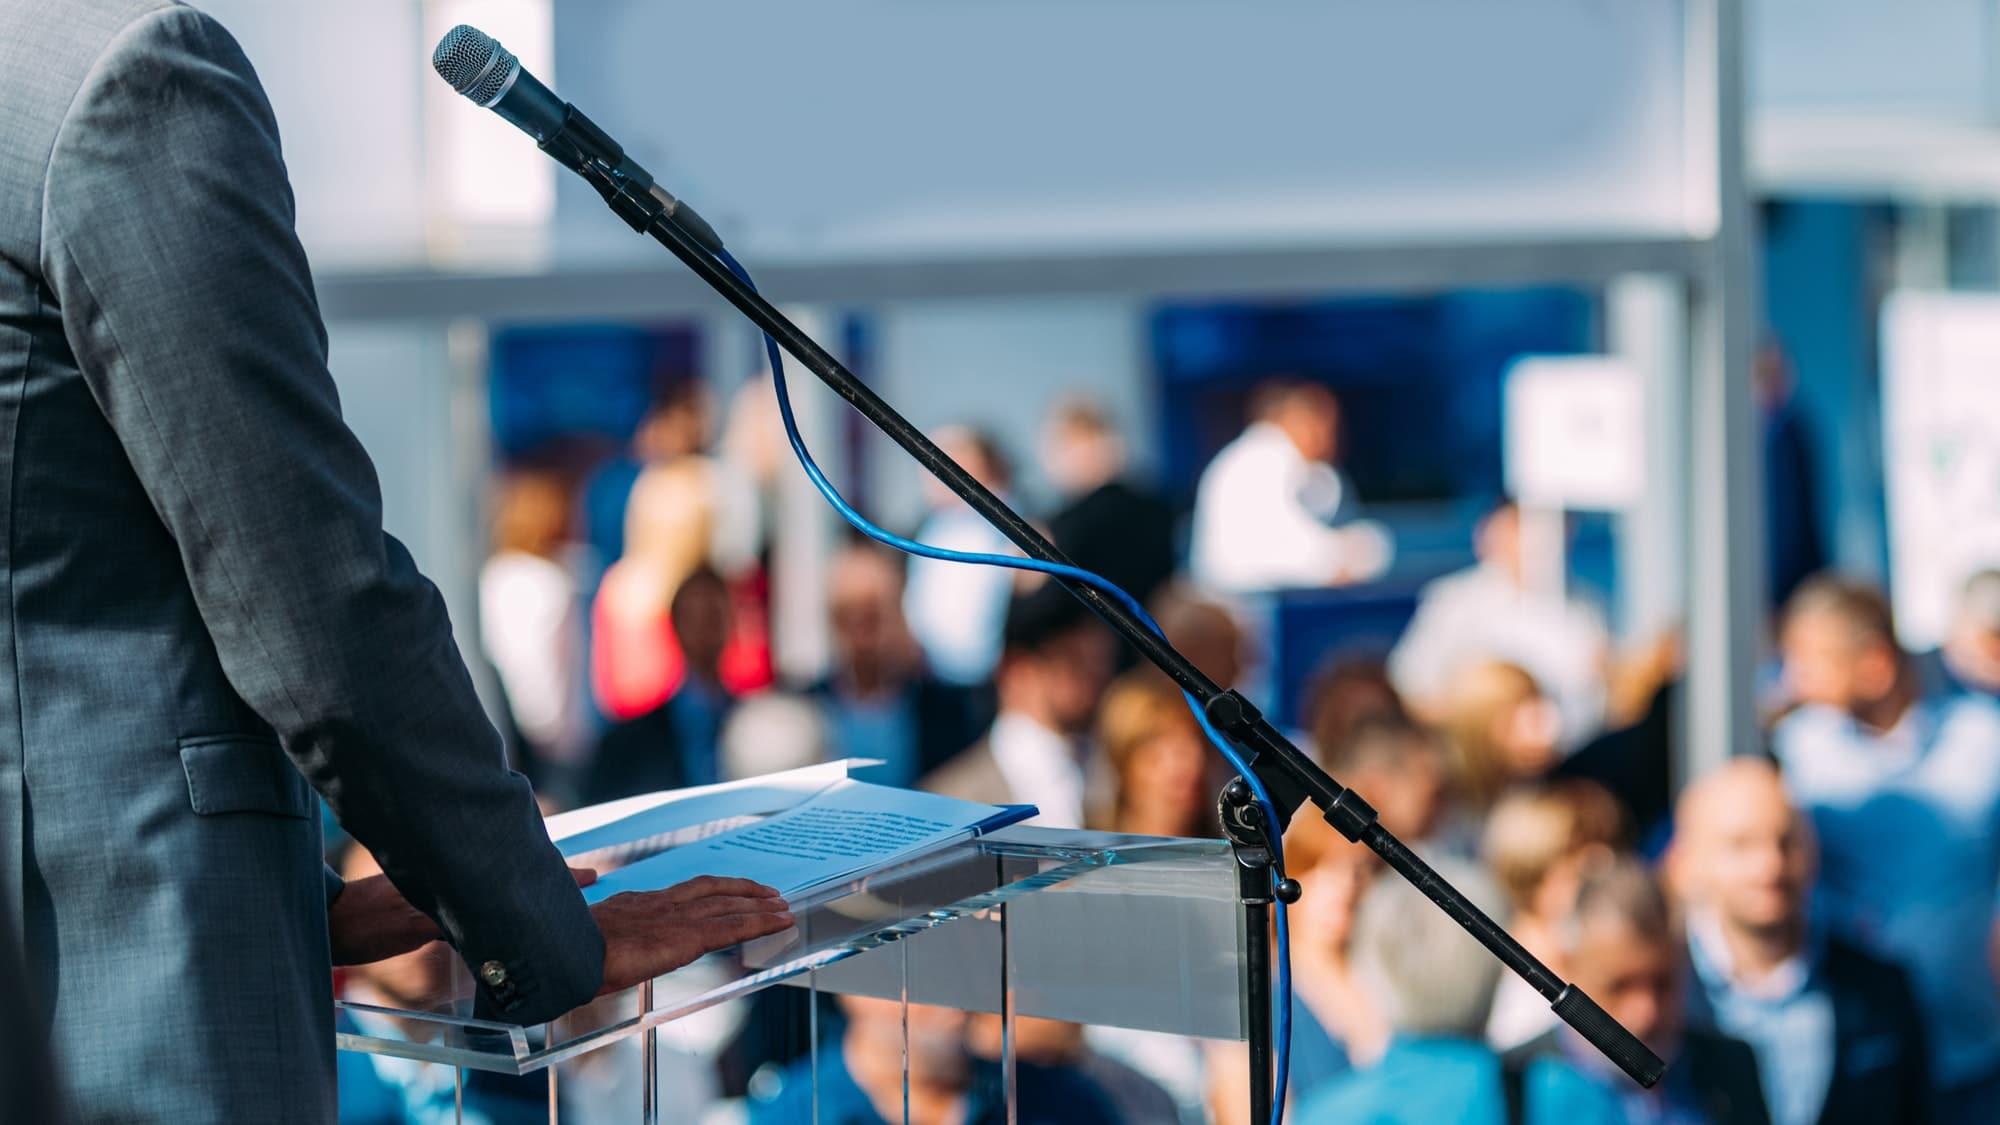 La alcaldesa socialista de París, Anne Hidalgo, se lanza a la Presidencia de Francia para 2022